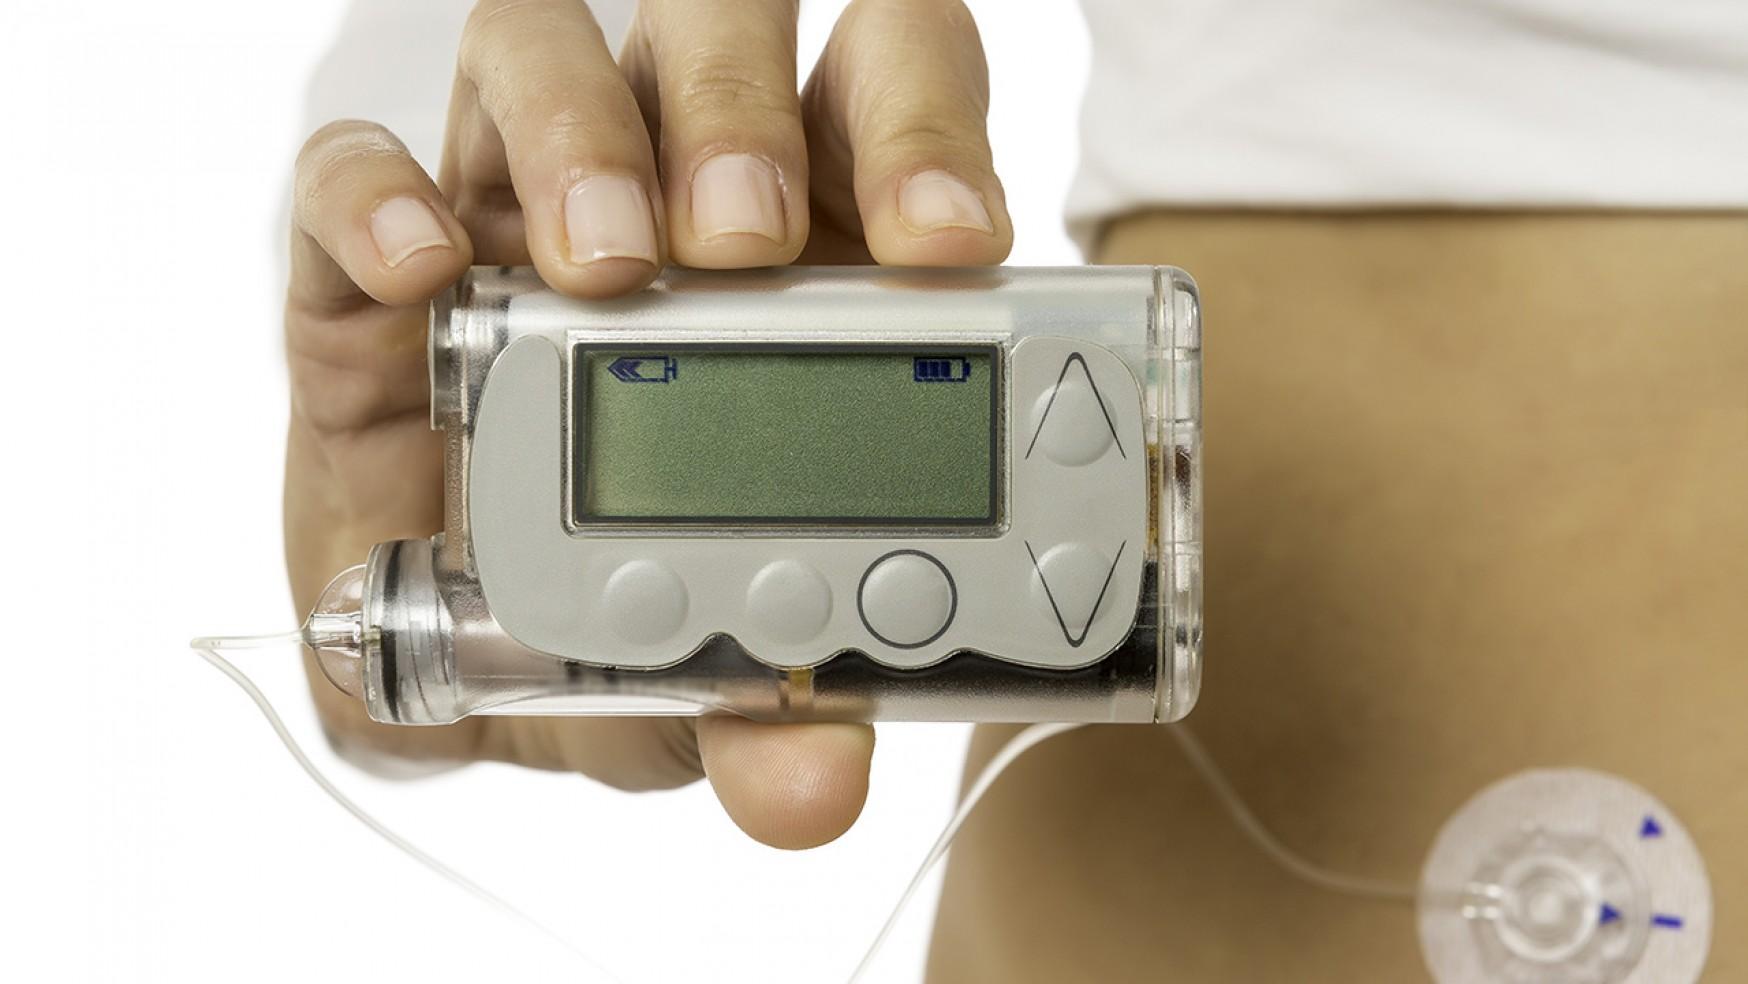 ¿Qué son las Bombas de Insulina?